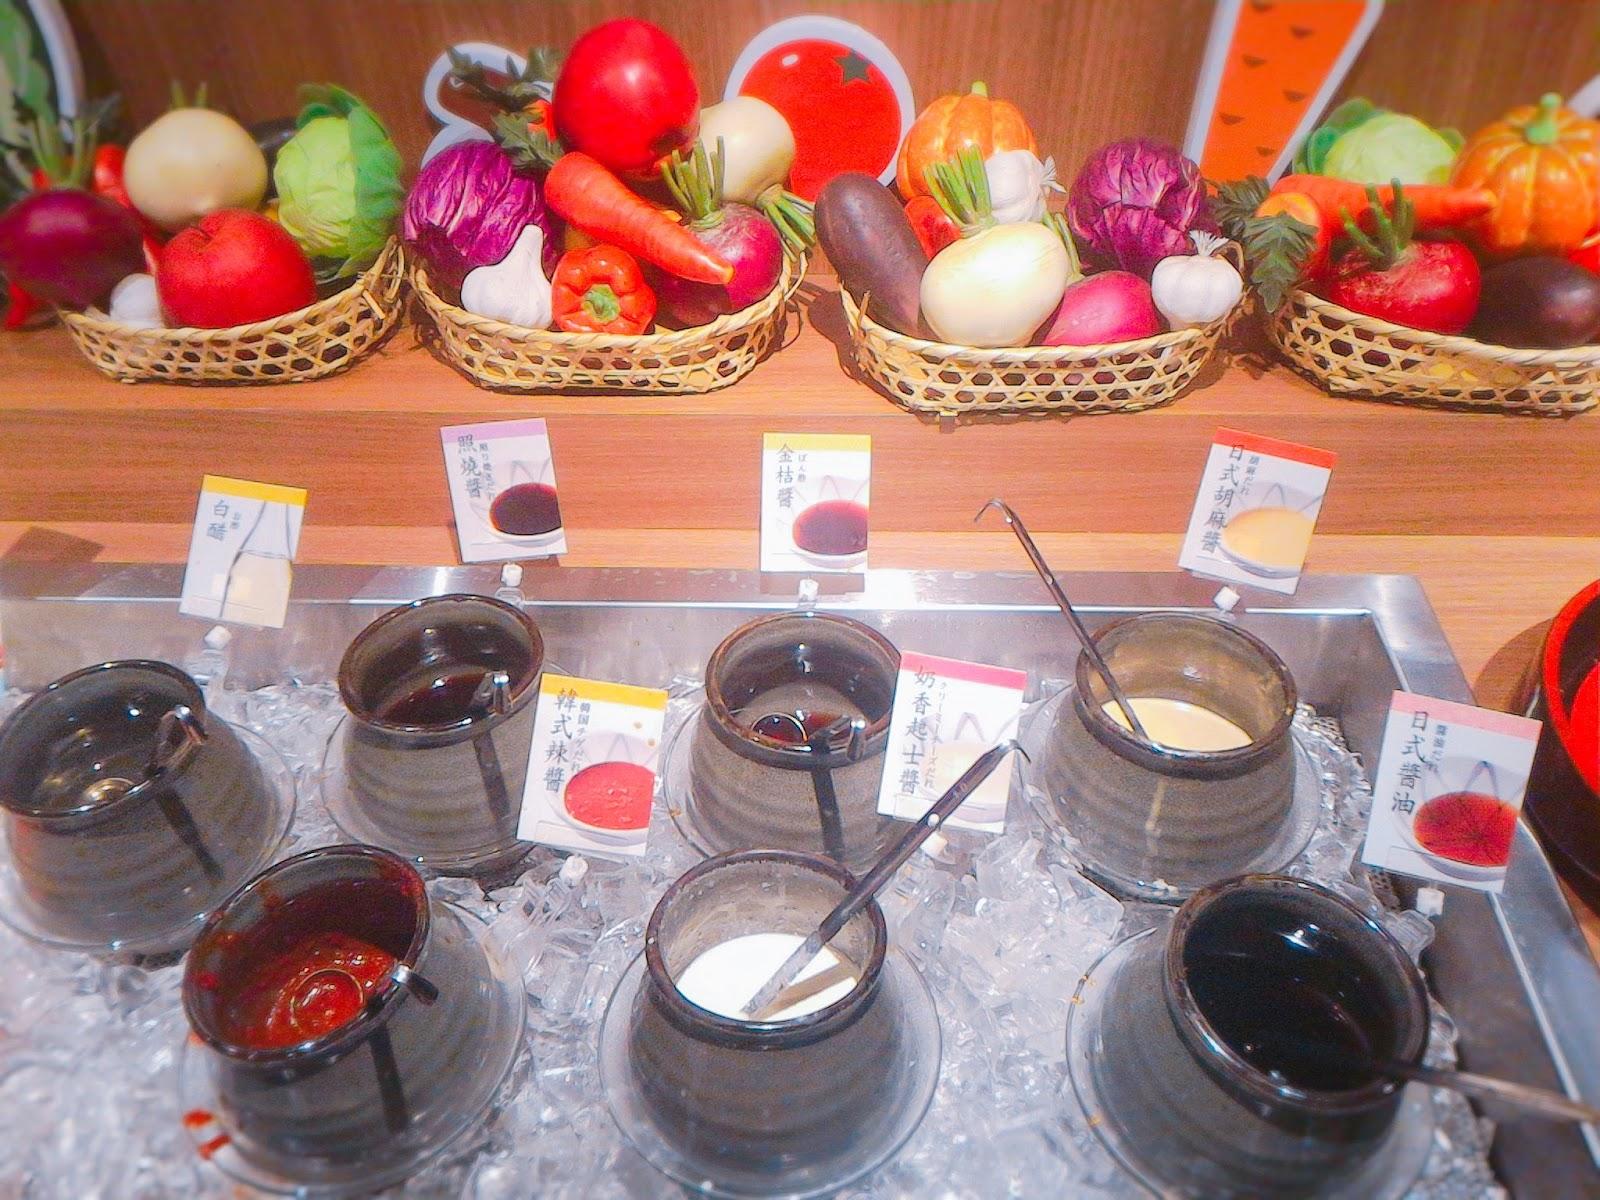 2016 10 16 19 32 49 - 【台南東區】涮乃葉吃到飽日式涮涮鍋 - 新鮮蔬菜與手工拉麵,還有超濃郁的霜淇淋!